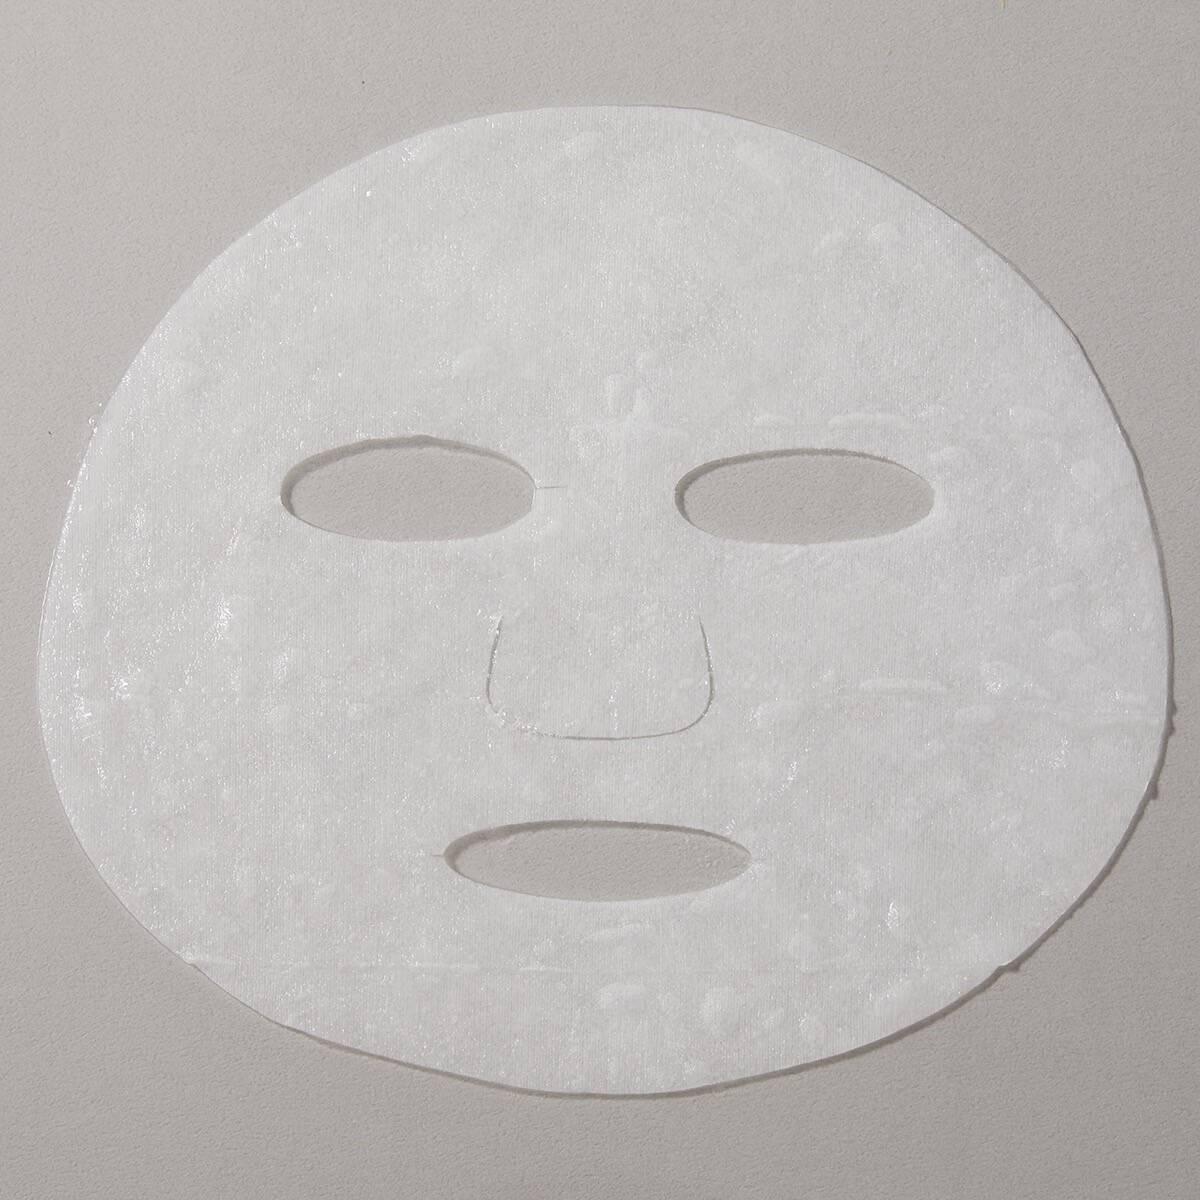 Abib(アビブ)『マイルド アシディック pH シートマスク アクア』の使用感をレポに関する画像10